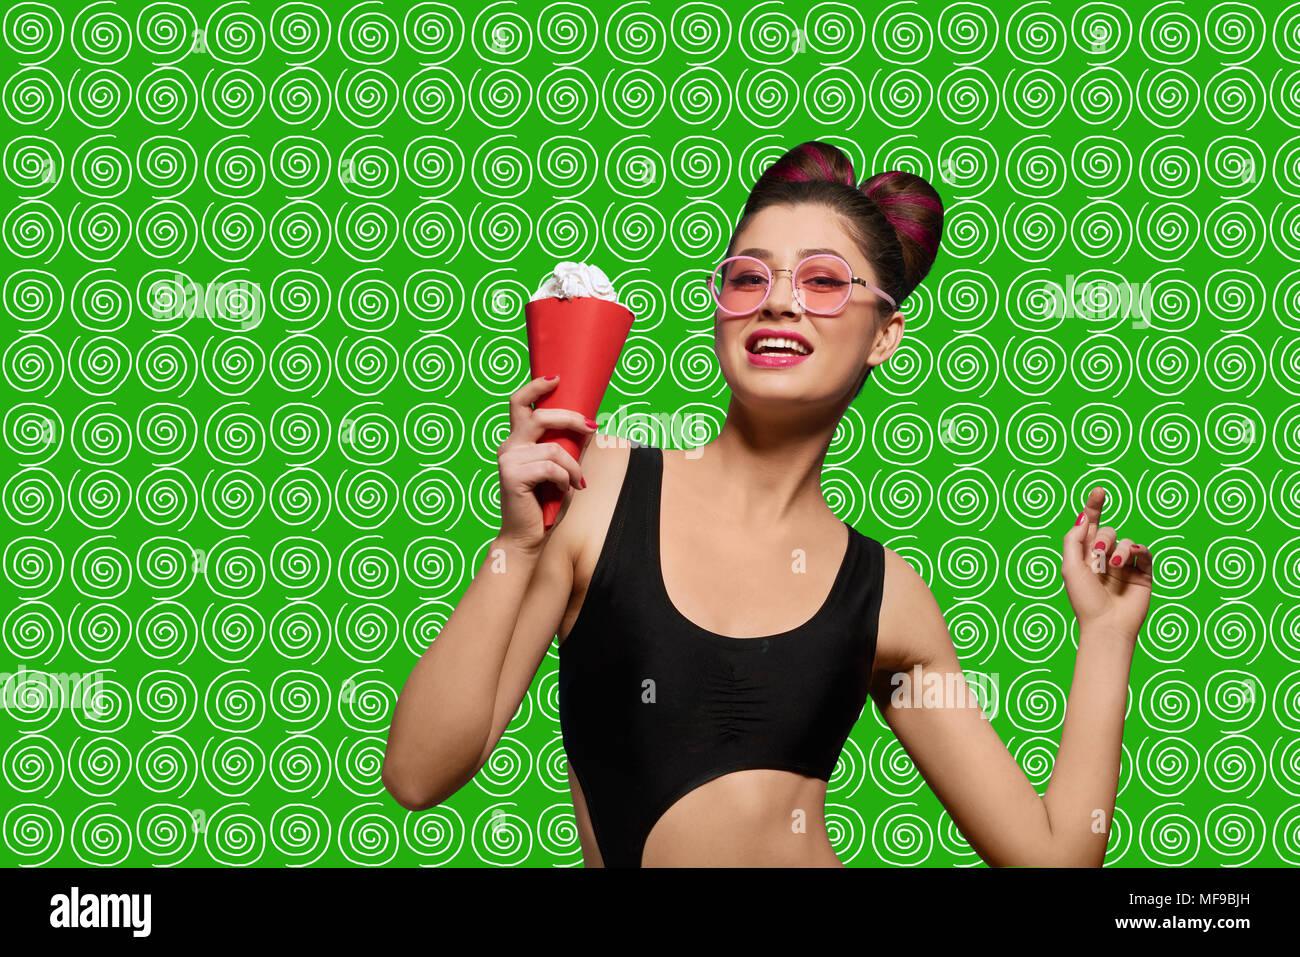 Mode pop art model posing tragen rosa Sonnenbrille. Mädchen in Schwarz stilvolle Bademode, hell machen und fance Frisur. Halten Eis in rot Horn. Gesättigt grünen Hintergrund. Stockbild